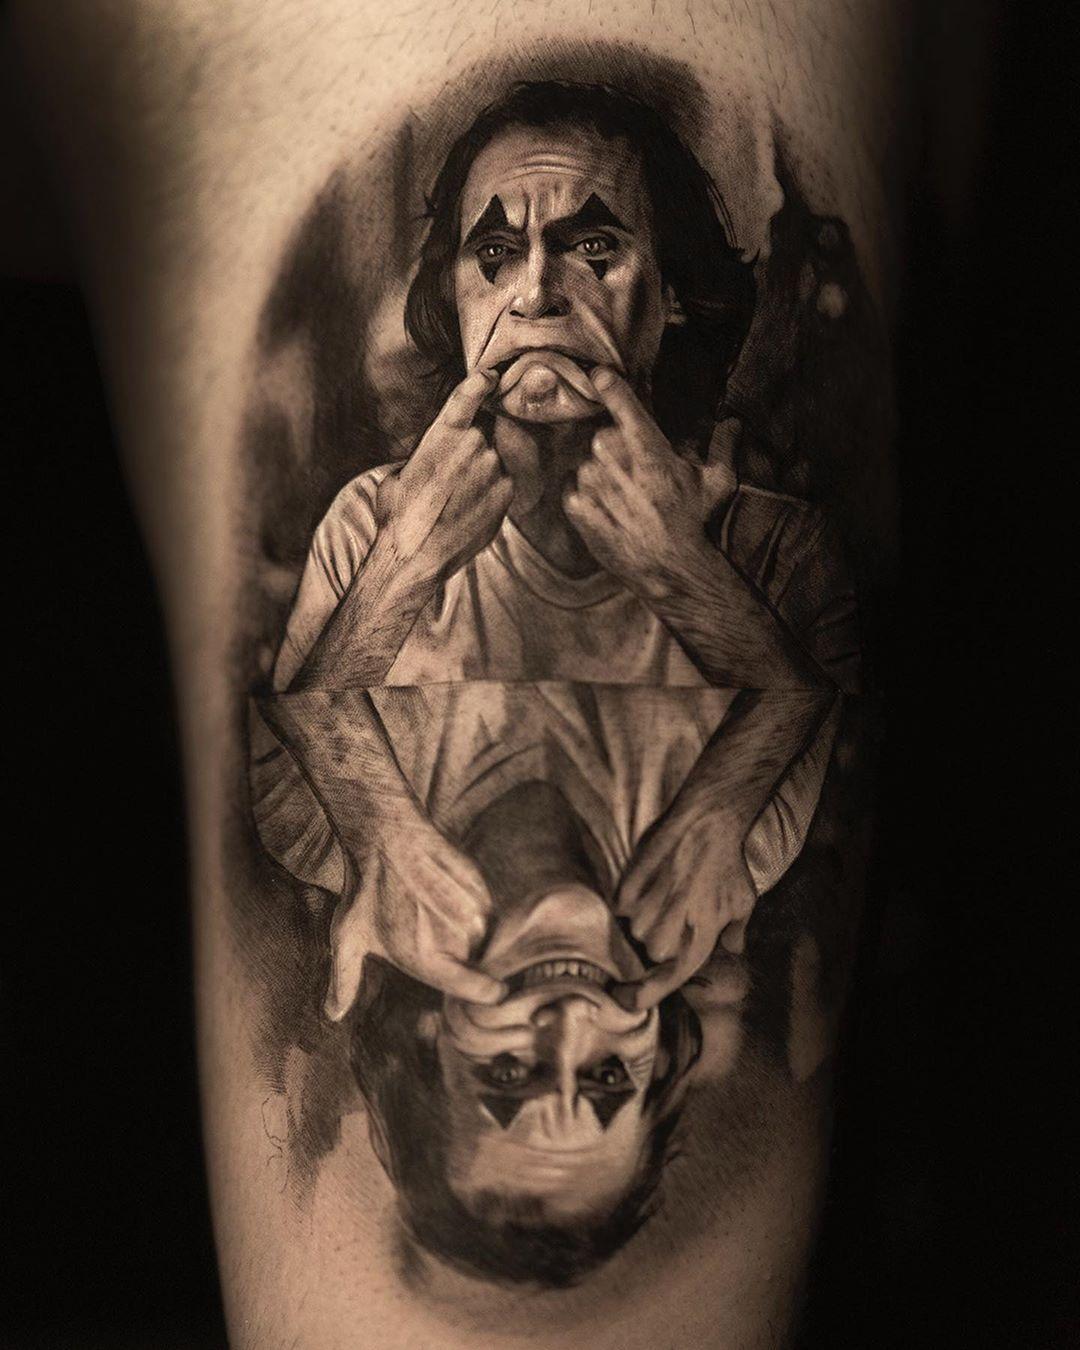 50 Verruckte Joker Tattoos Designs Und Ideen 3